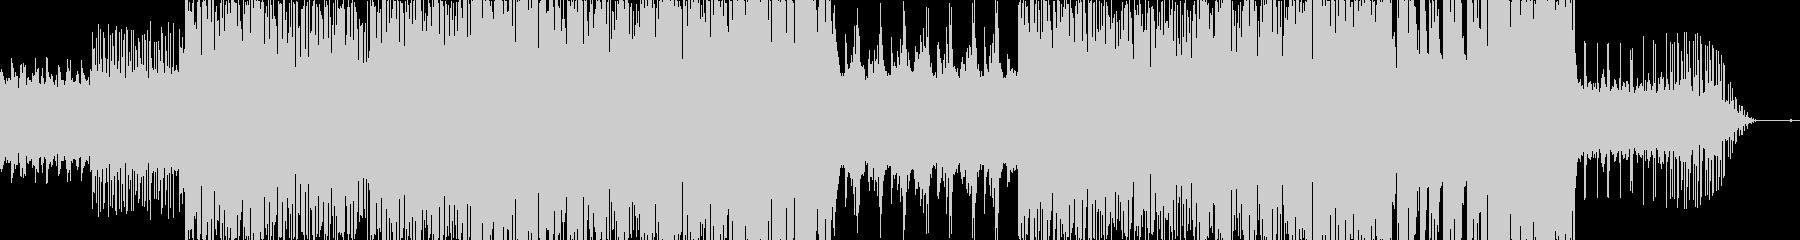 アンビエント系の優しいヒーリングポップスの未再生の波形